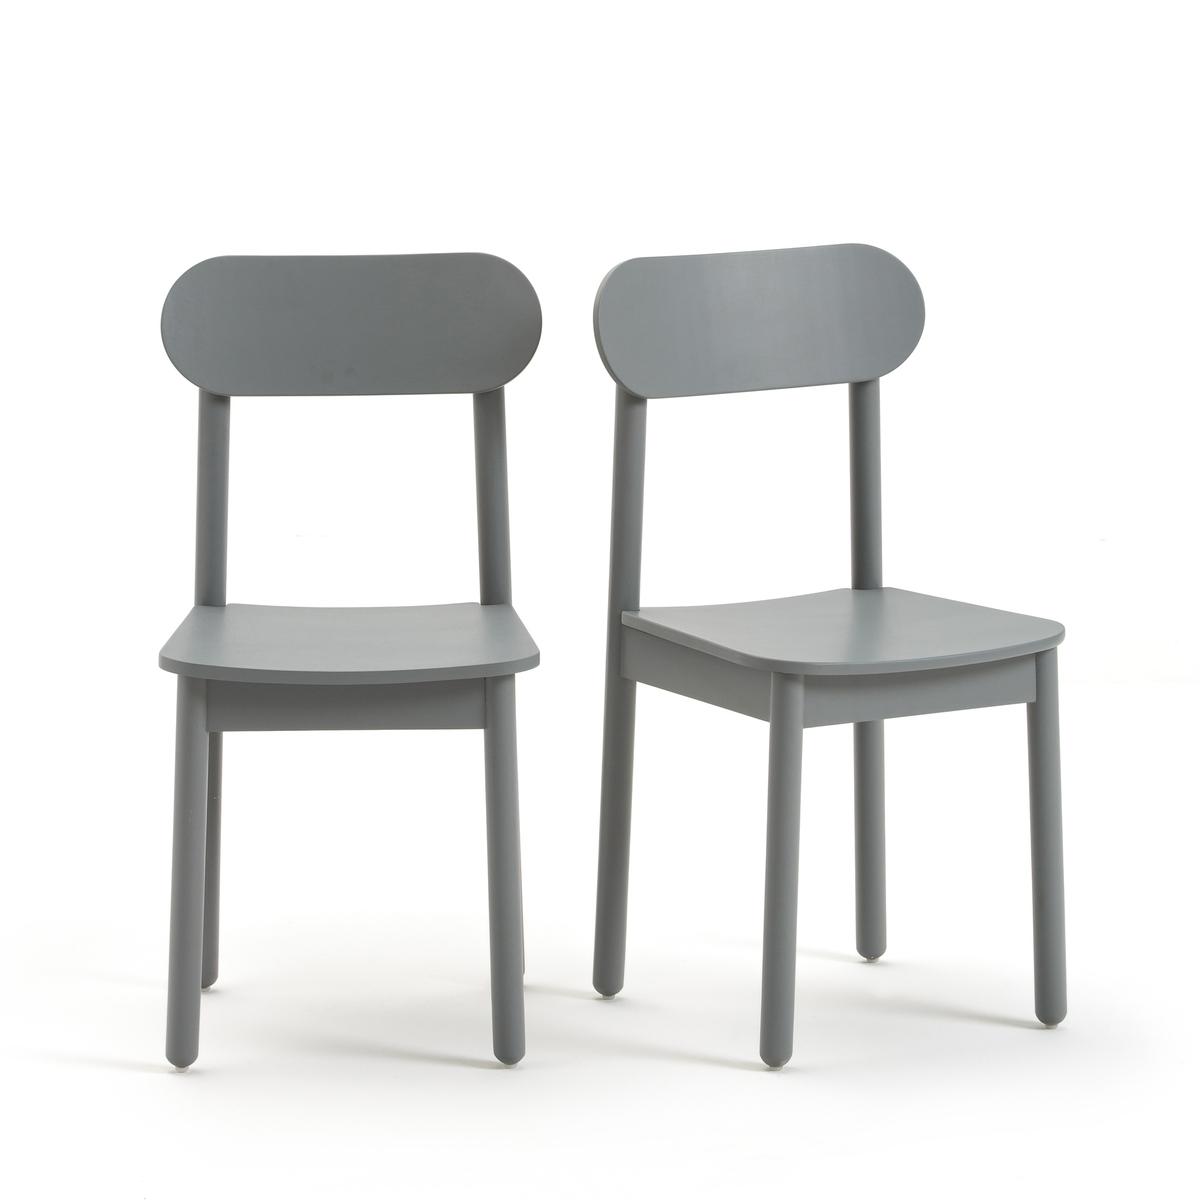 Комплект из 2 стульев JIMI стулья